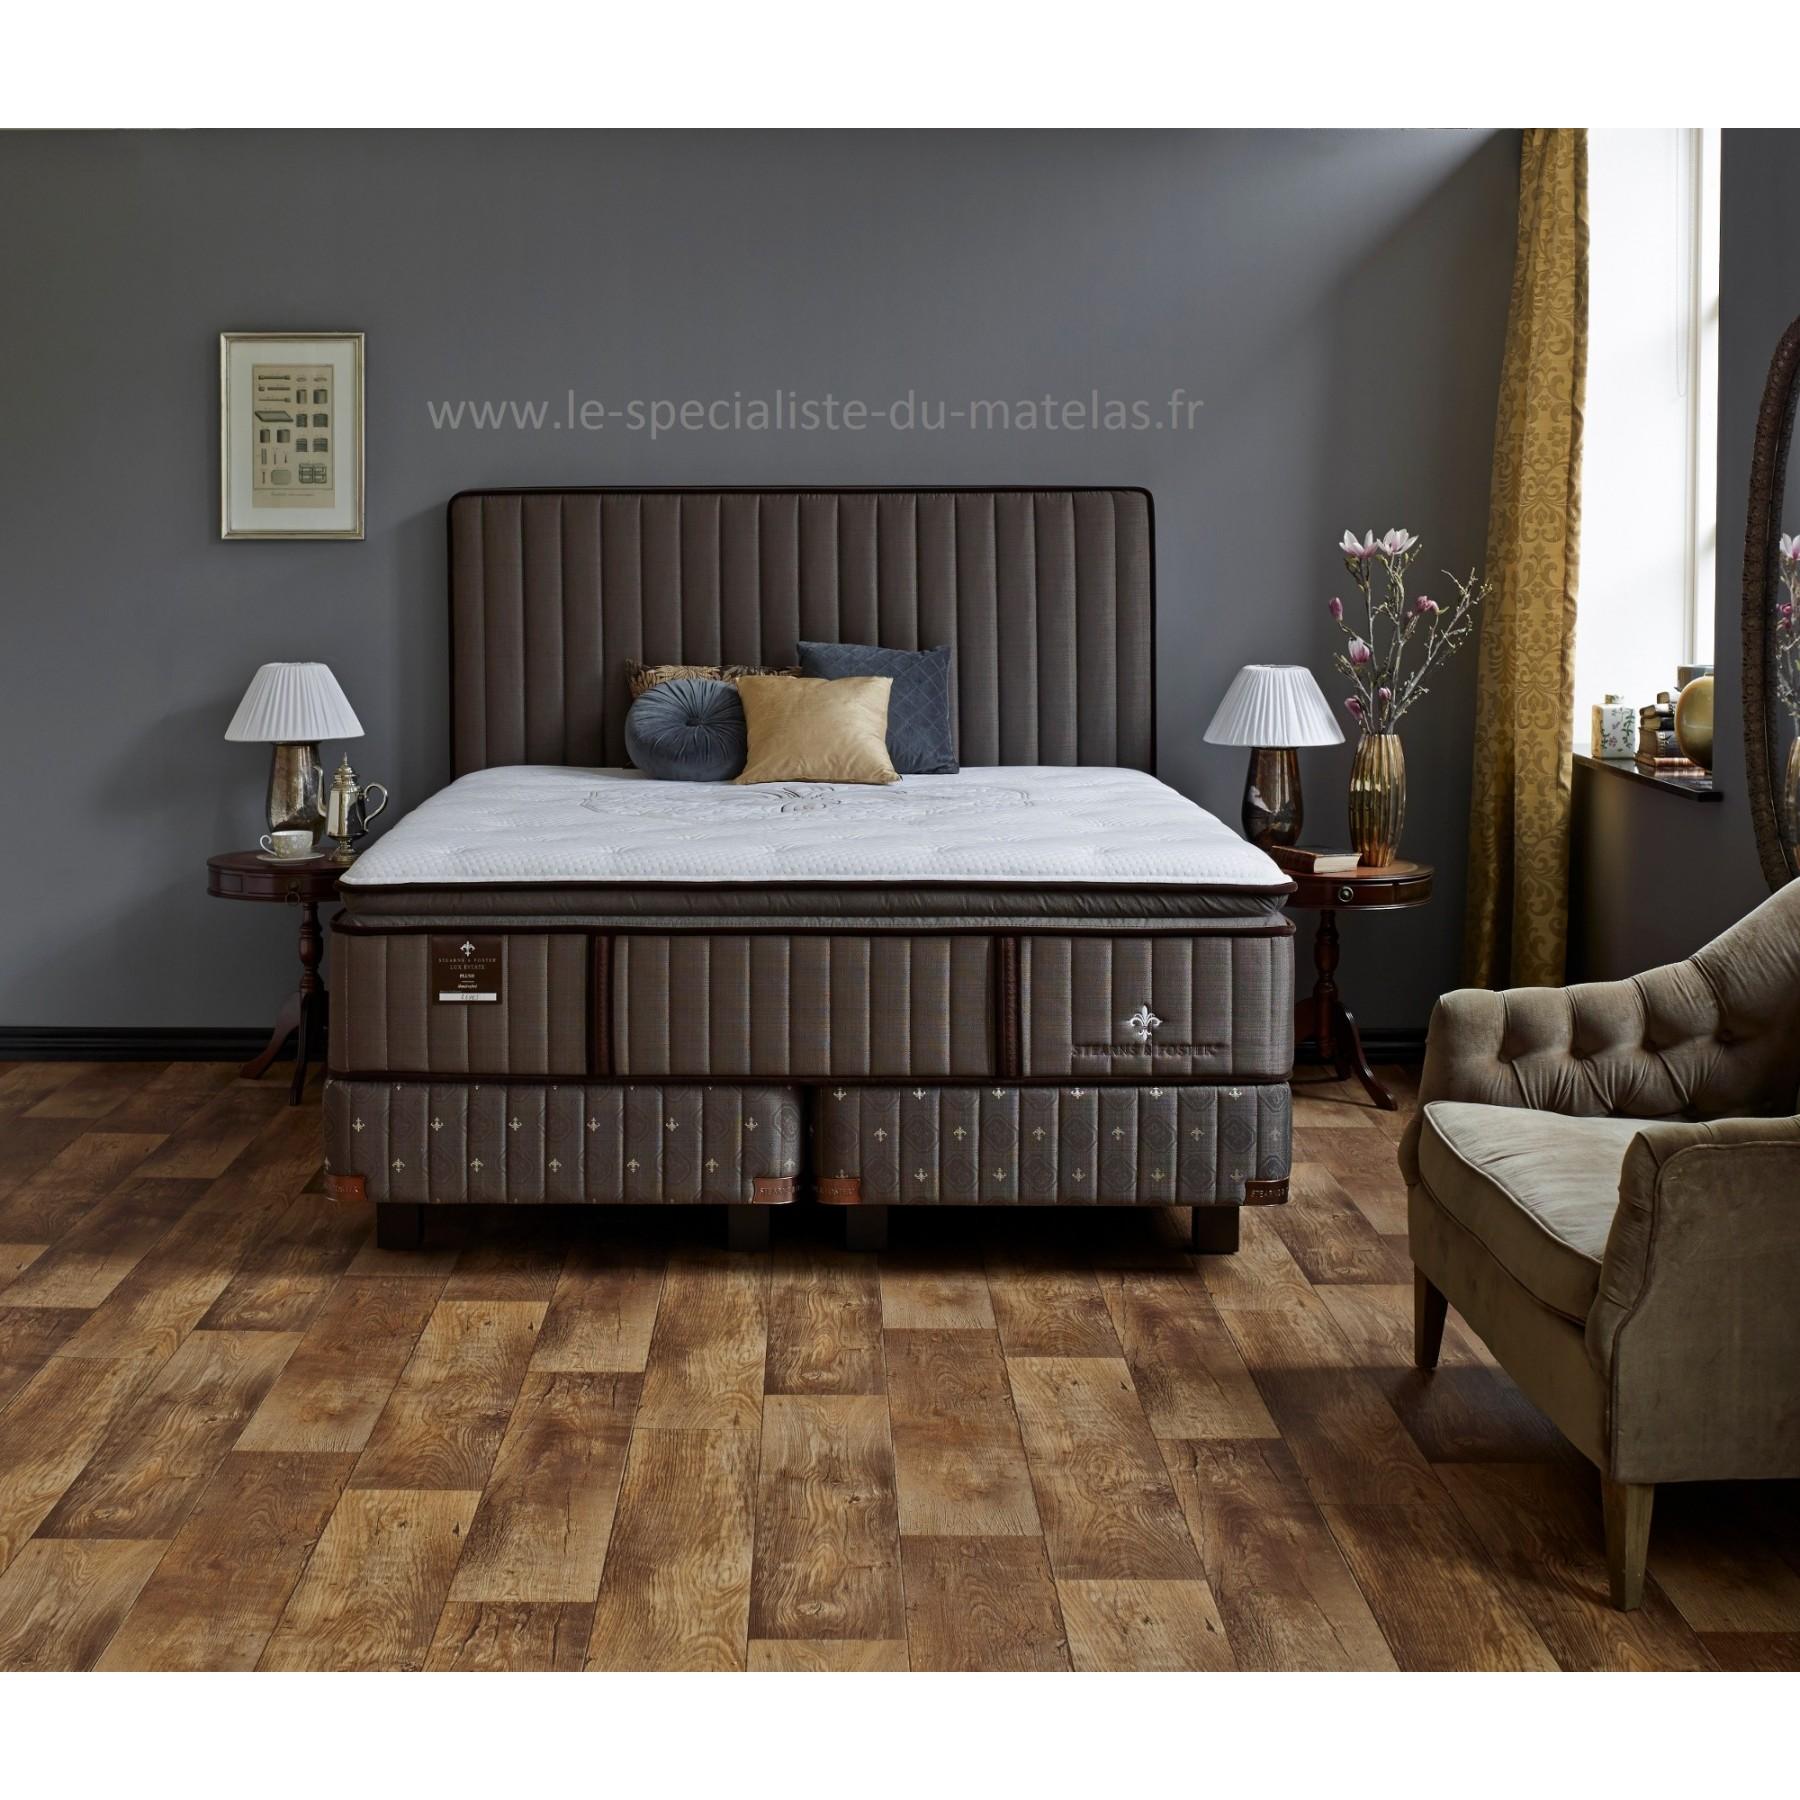 matelas com lit stearns and foster avec matelas lux estate plush matelas energie par simmons. Black Bedroom Furniture Sets. Home Design Ideas